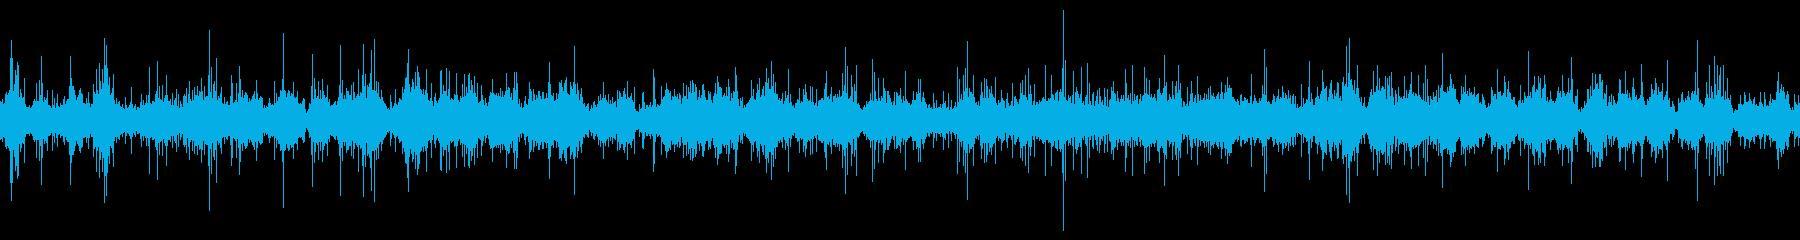 ムードノイズ(環境音)「サラサラ…」4の再生済みの波形